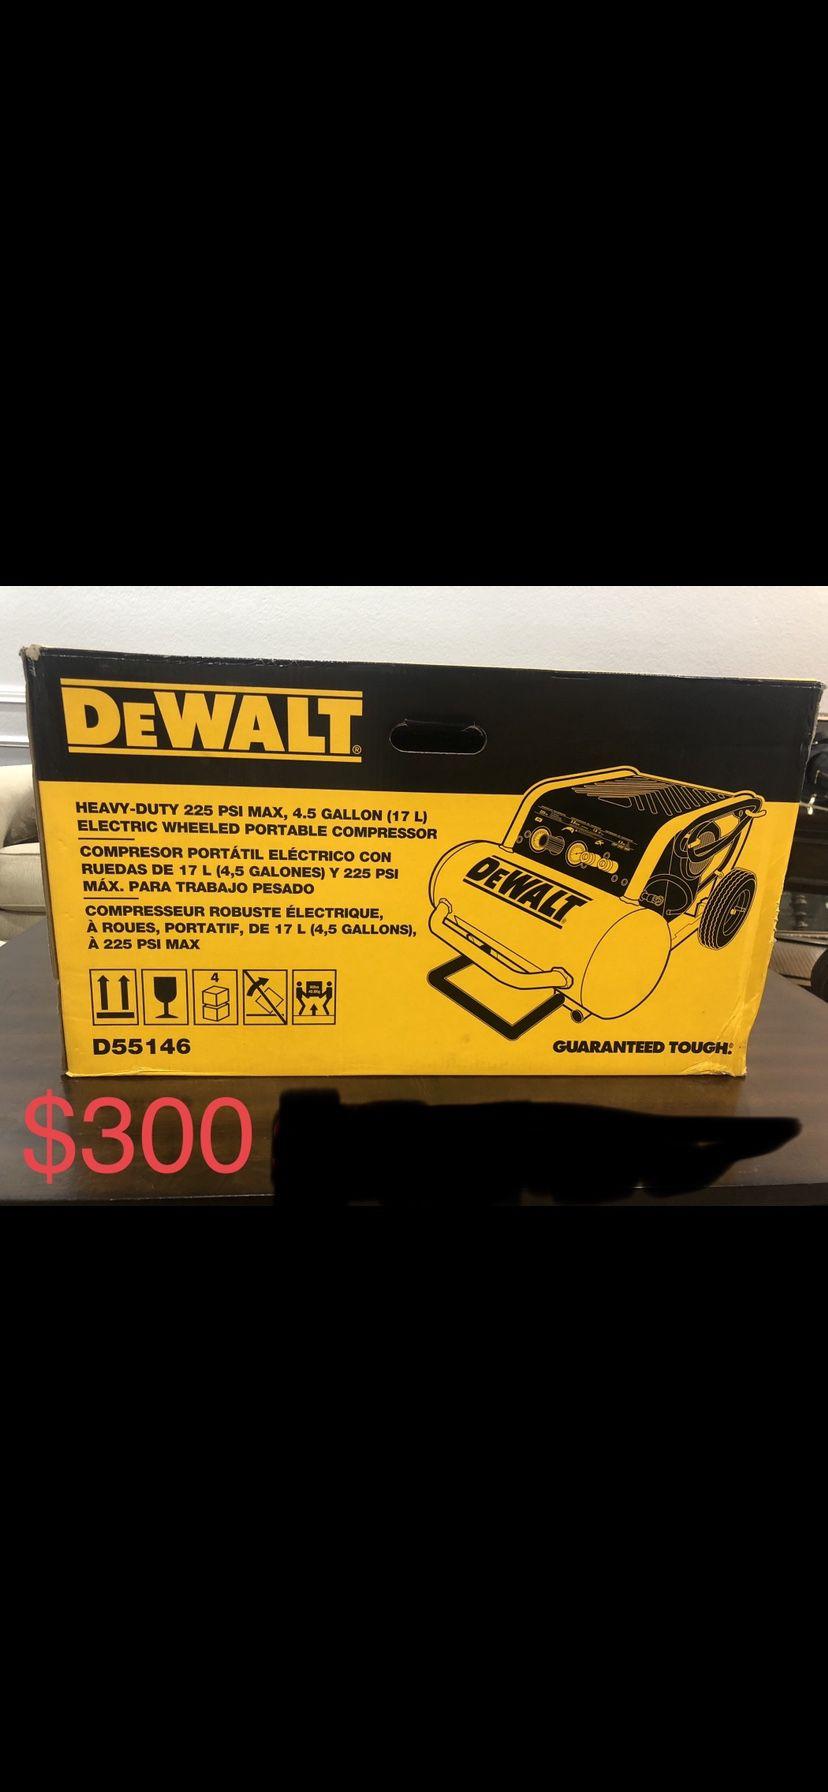 4.5 Gal. Portable Electric Air Compressor by DEWALT